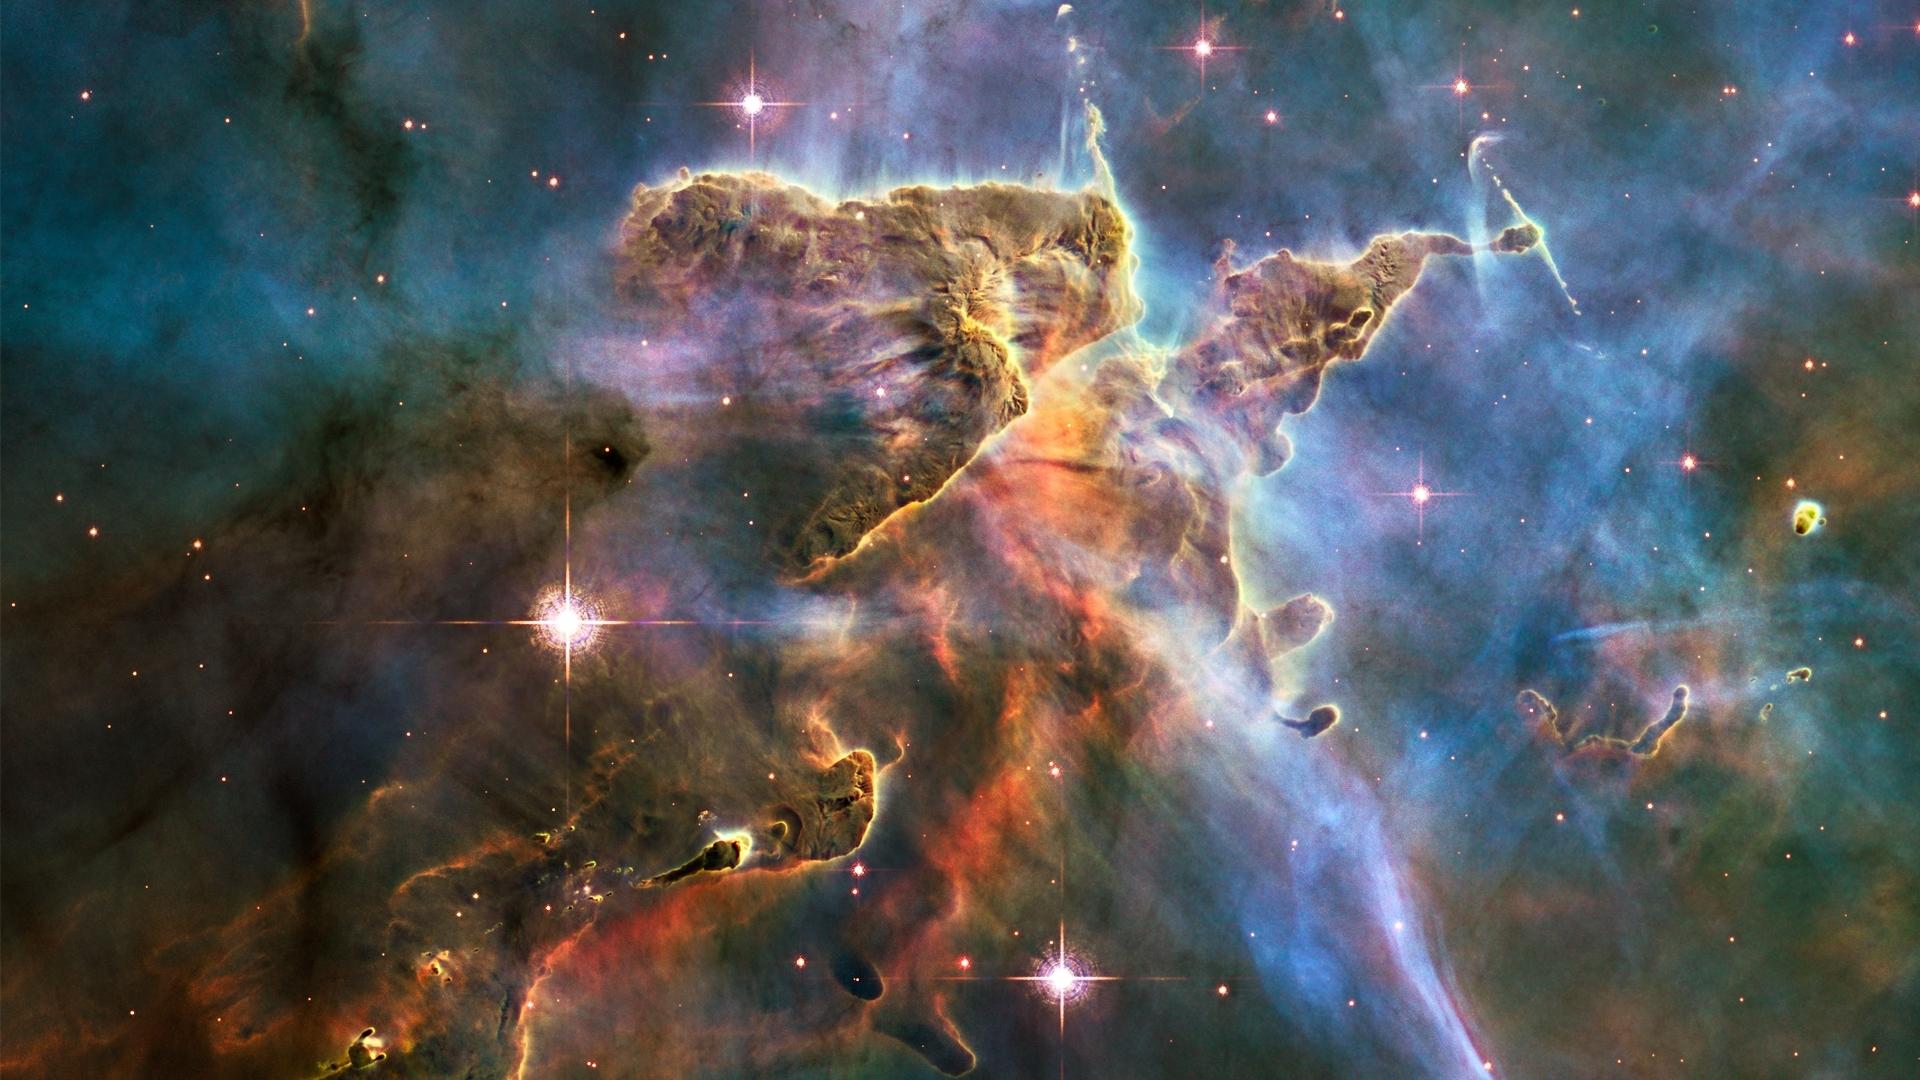 nebula desktop backgrounds group (93)